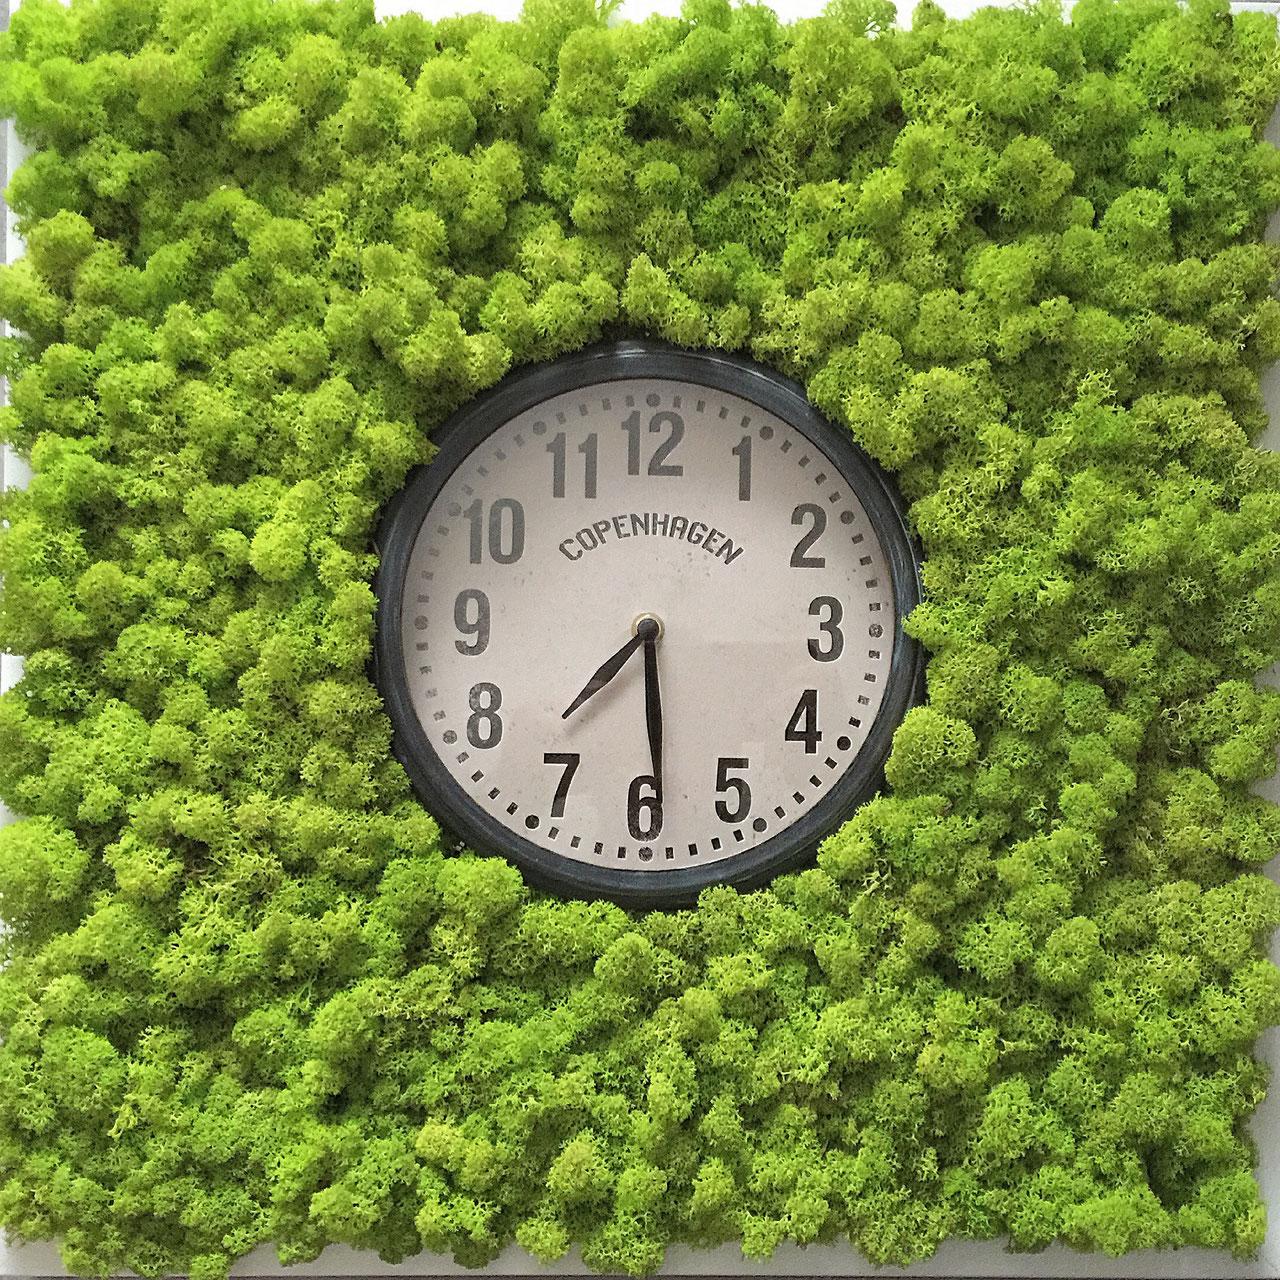 Schöner Raum Wohndesign: TOUCH GREEN Moosbilder Moosige Zeiten